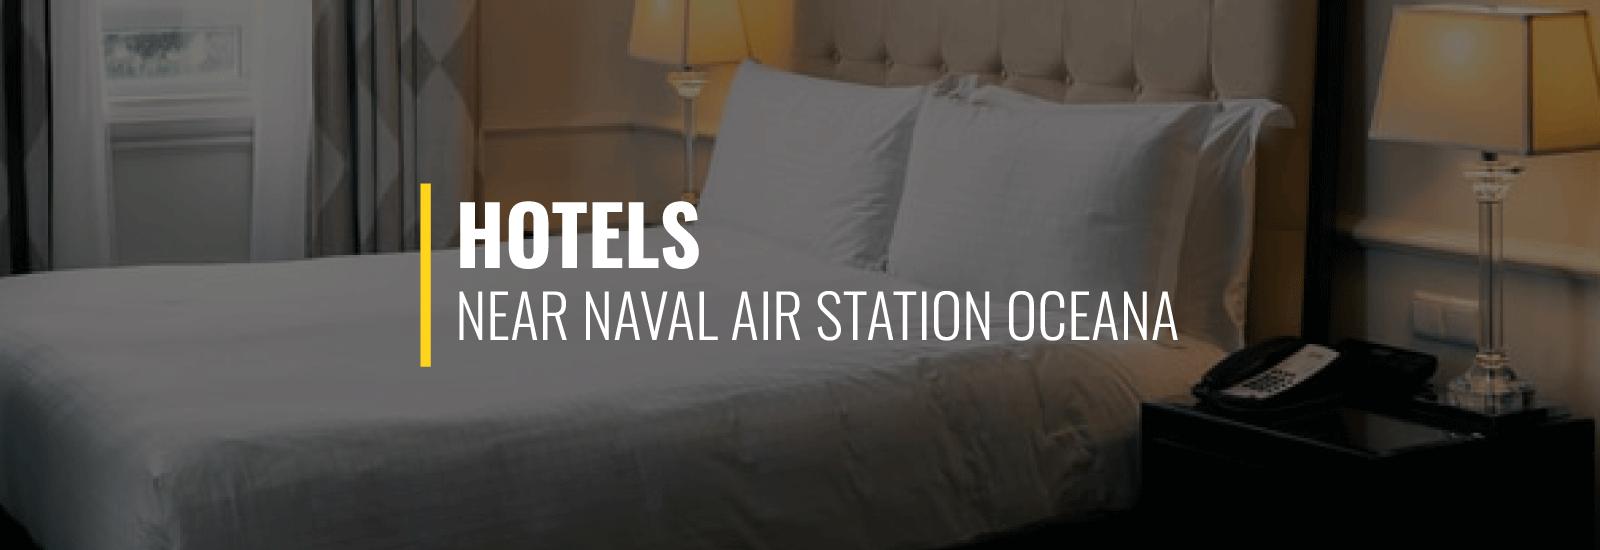 Hotels Near NAS Oceana, Virginia